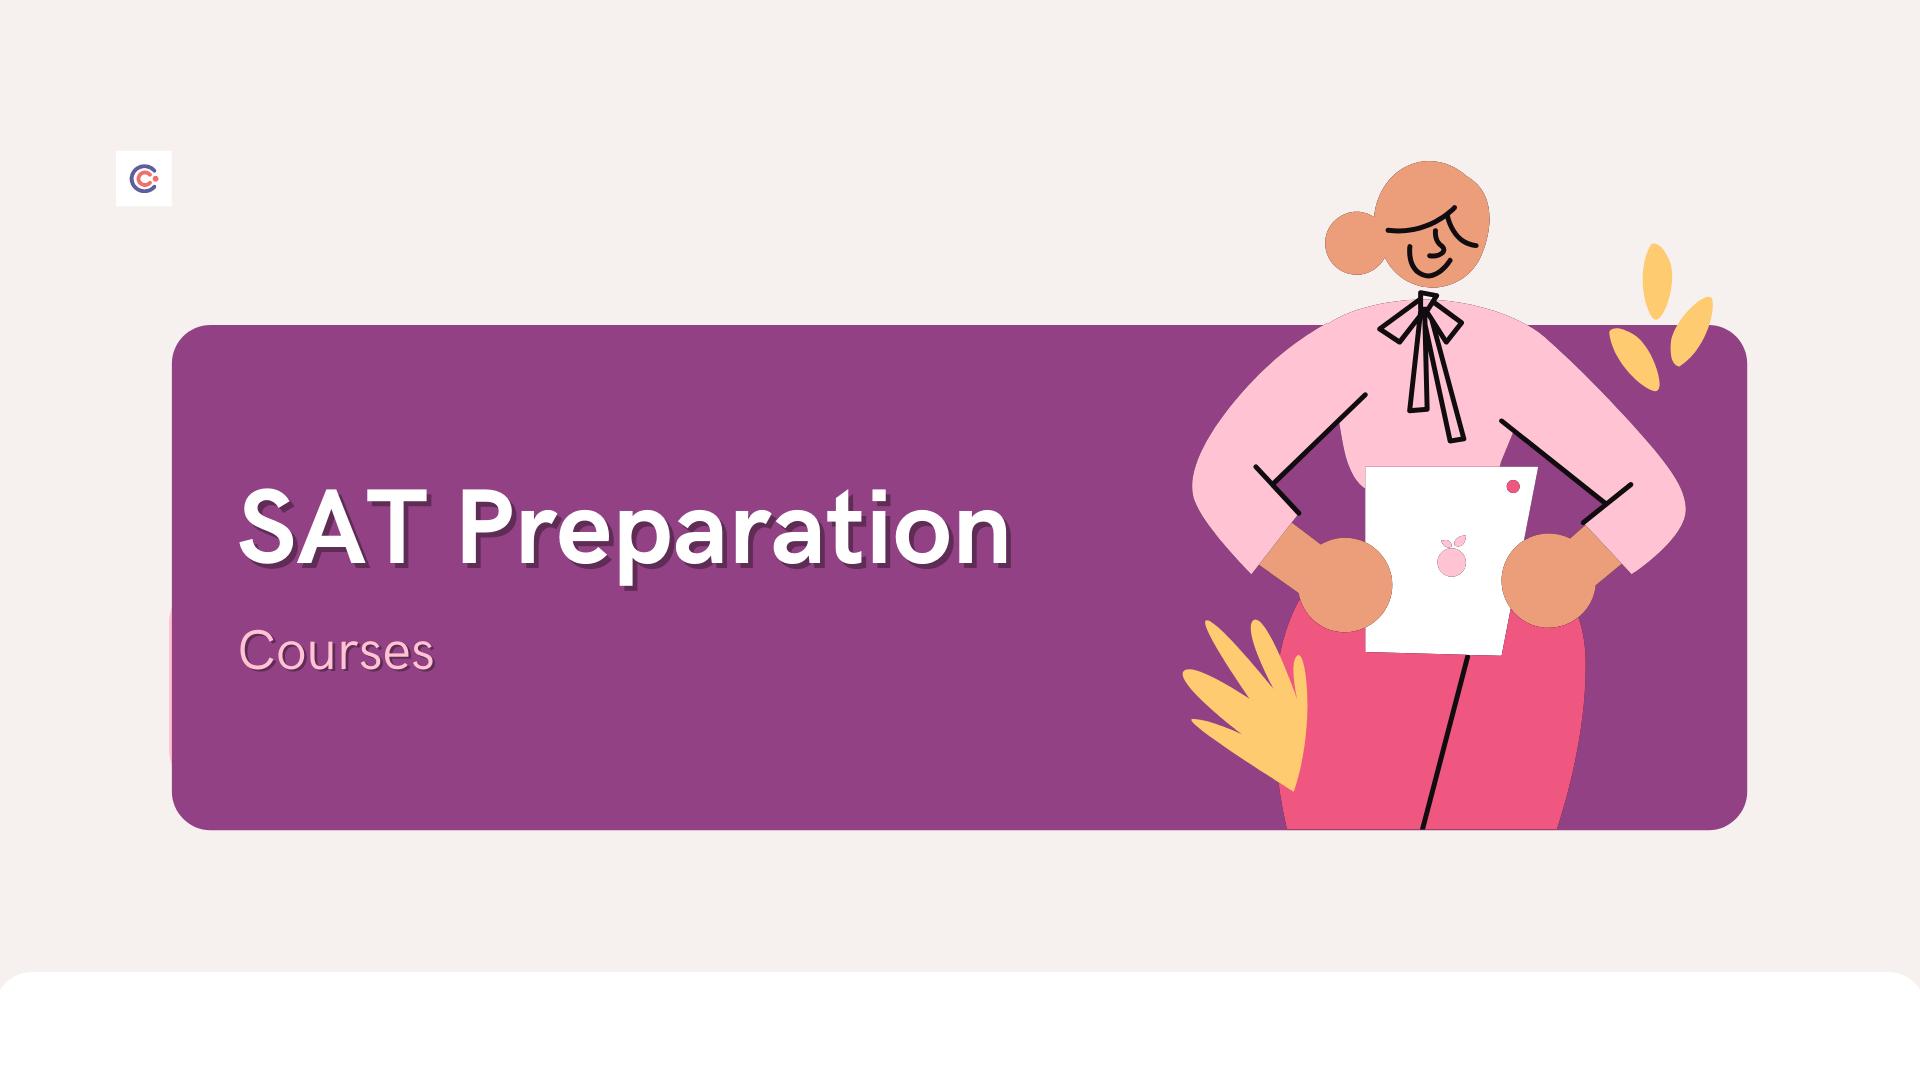 5 Best SAT Preparation Courses - Prepare for SAT Online